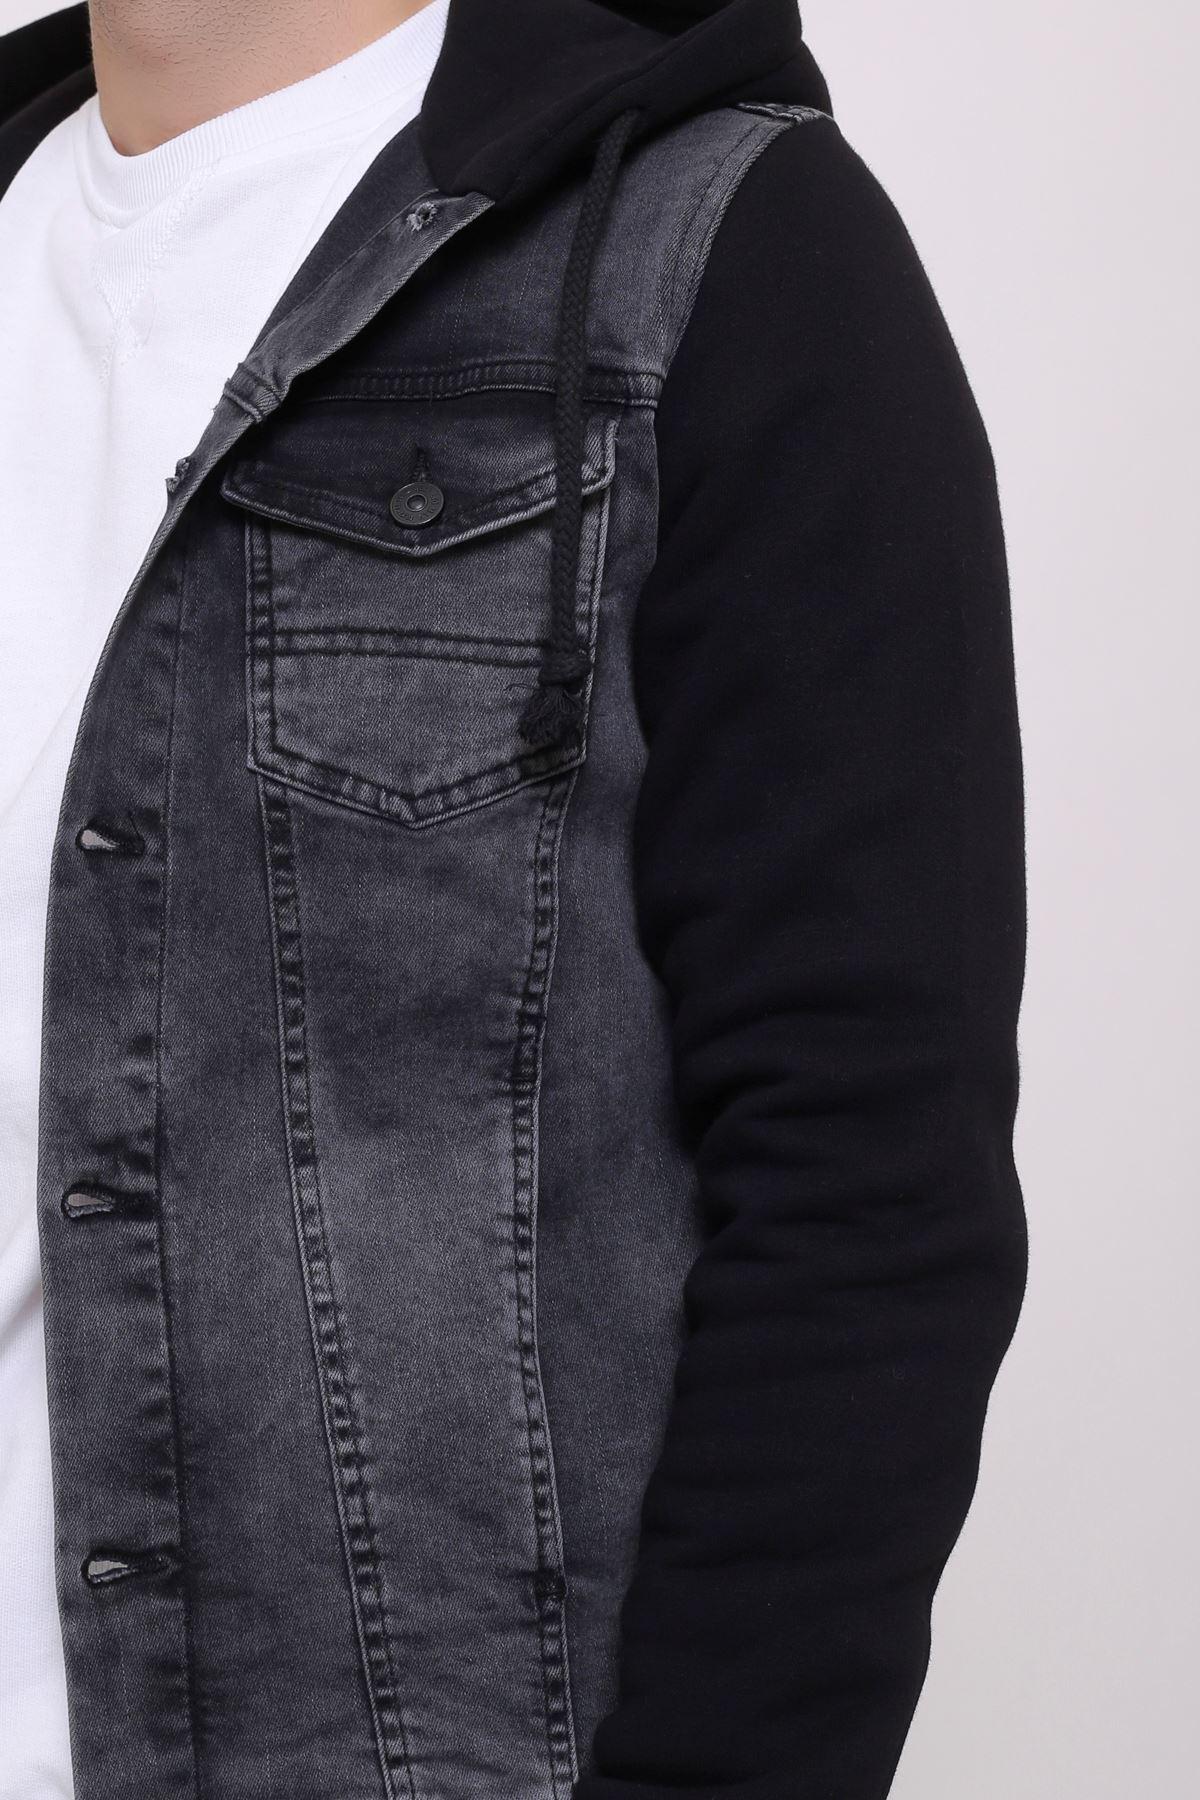 Erkek Kapüşonlu Yıkamalı Siyah Kot Ceket